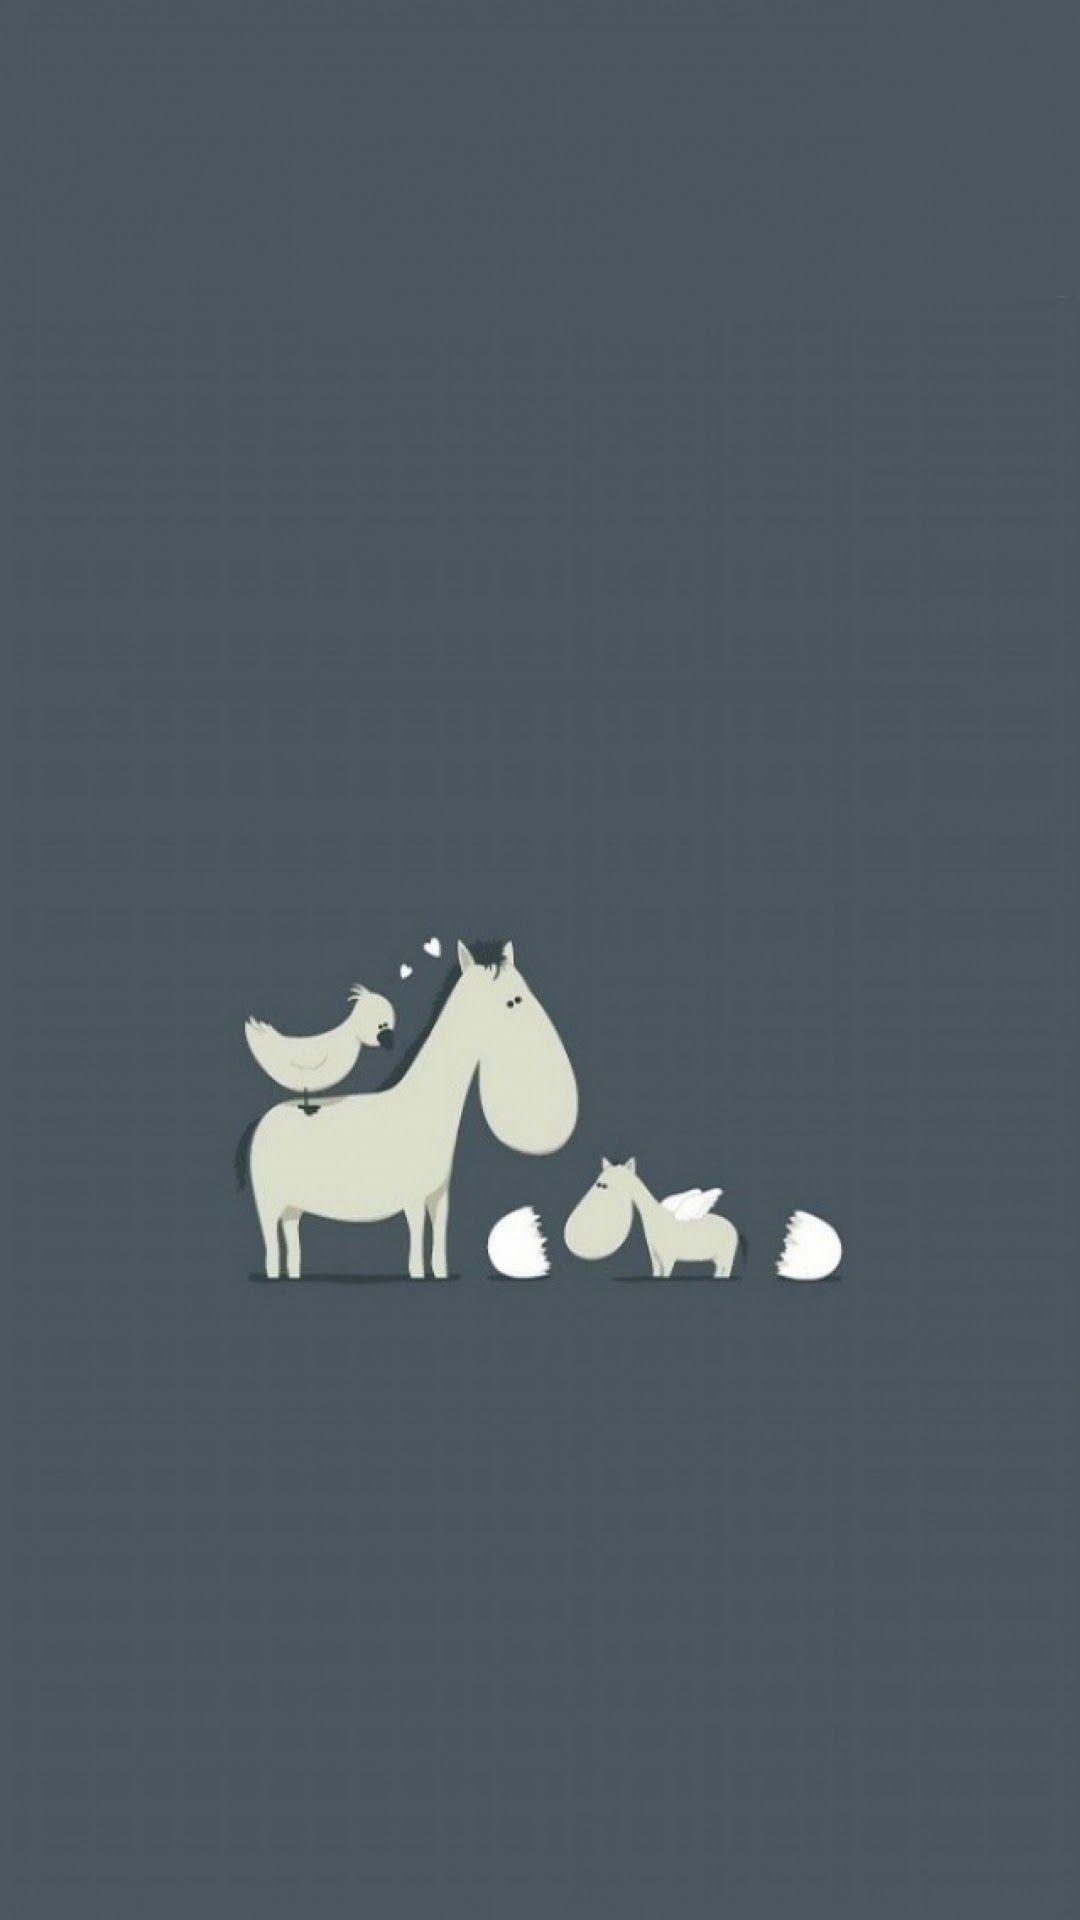 Cartoon Horse Wallpapers Wallpaper Cave